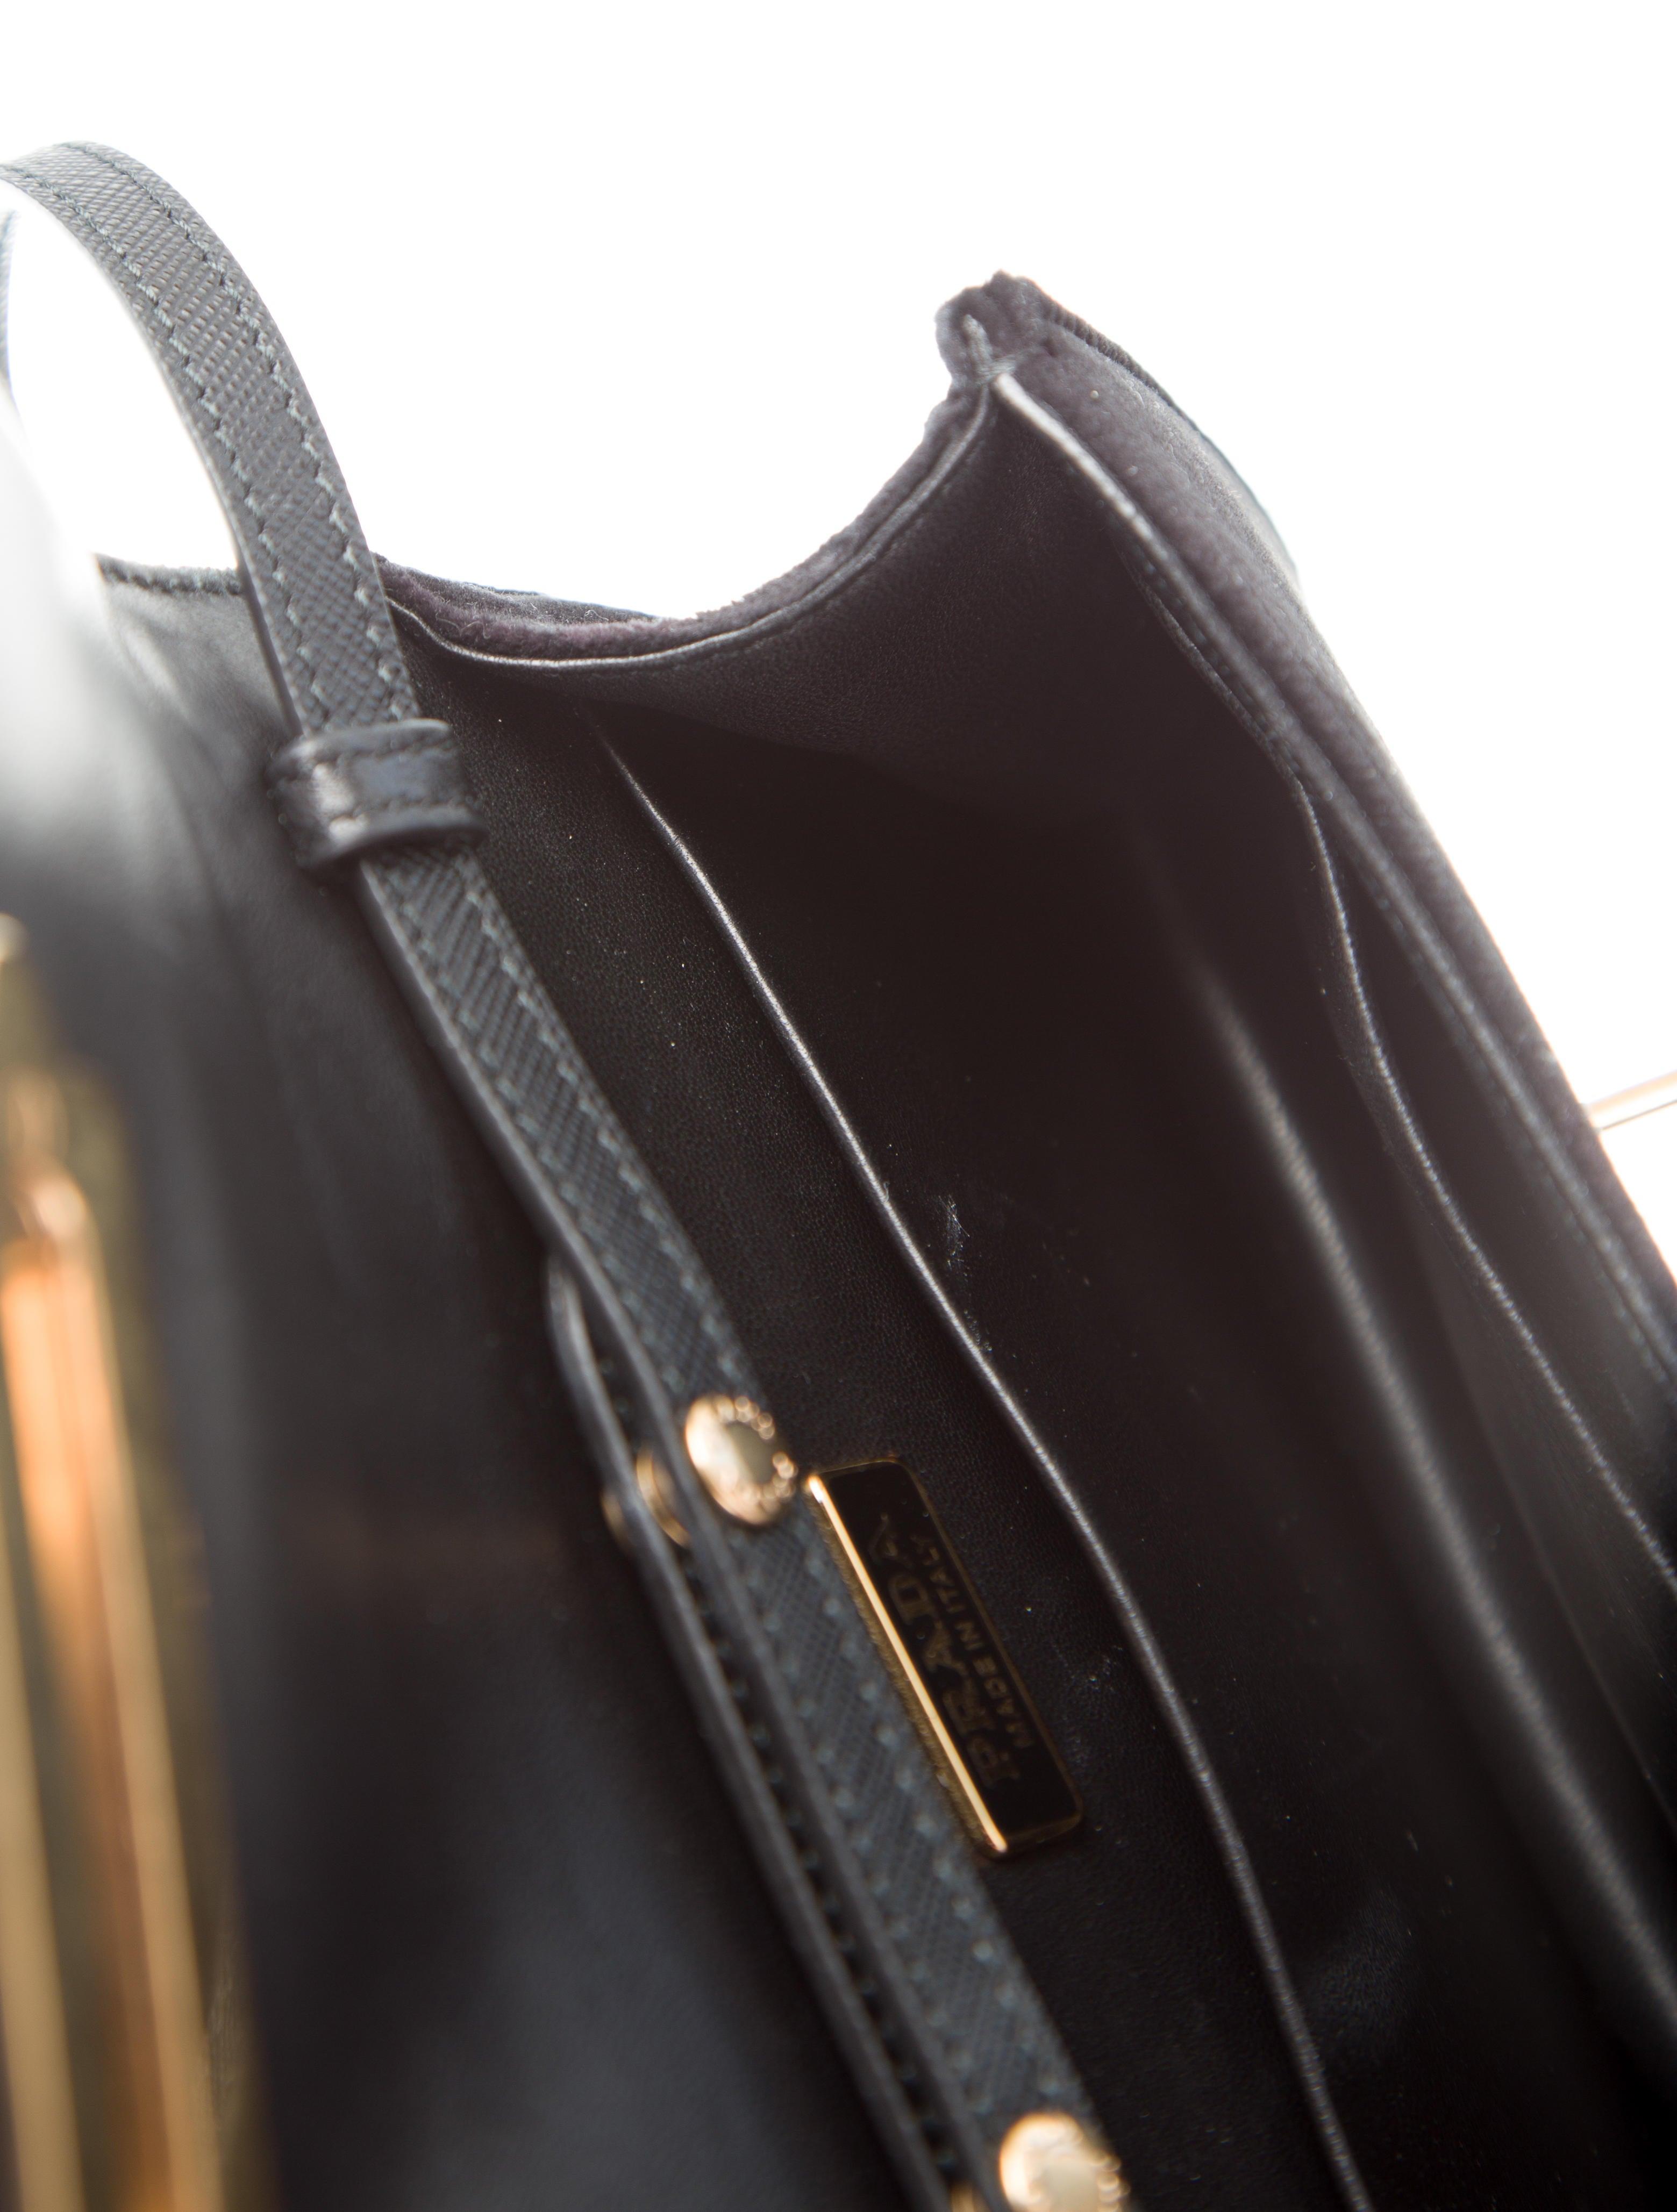 6f780f09e0f0 Prada 2016 Small Velvet Astrology Cahier Bag - Handbags - PRA170140 | The  RealReal